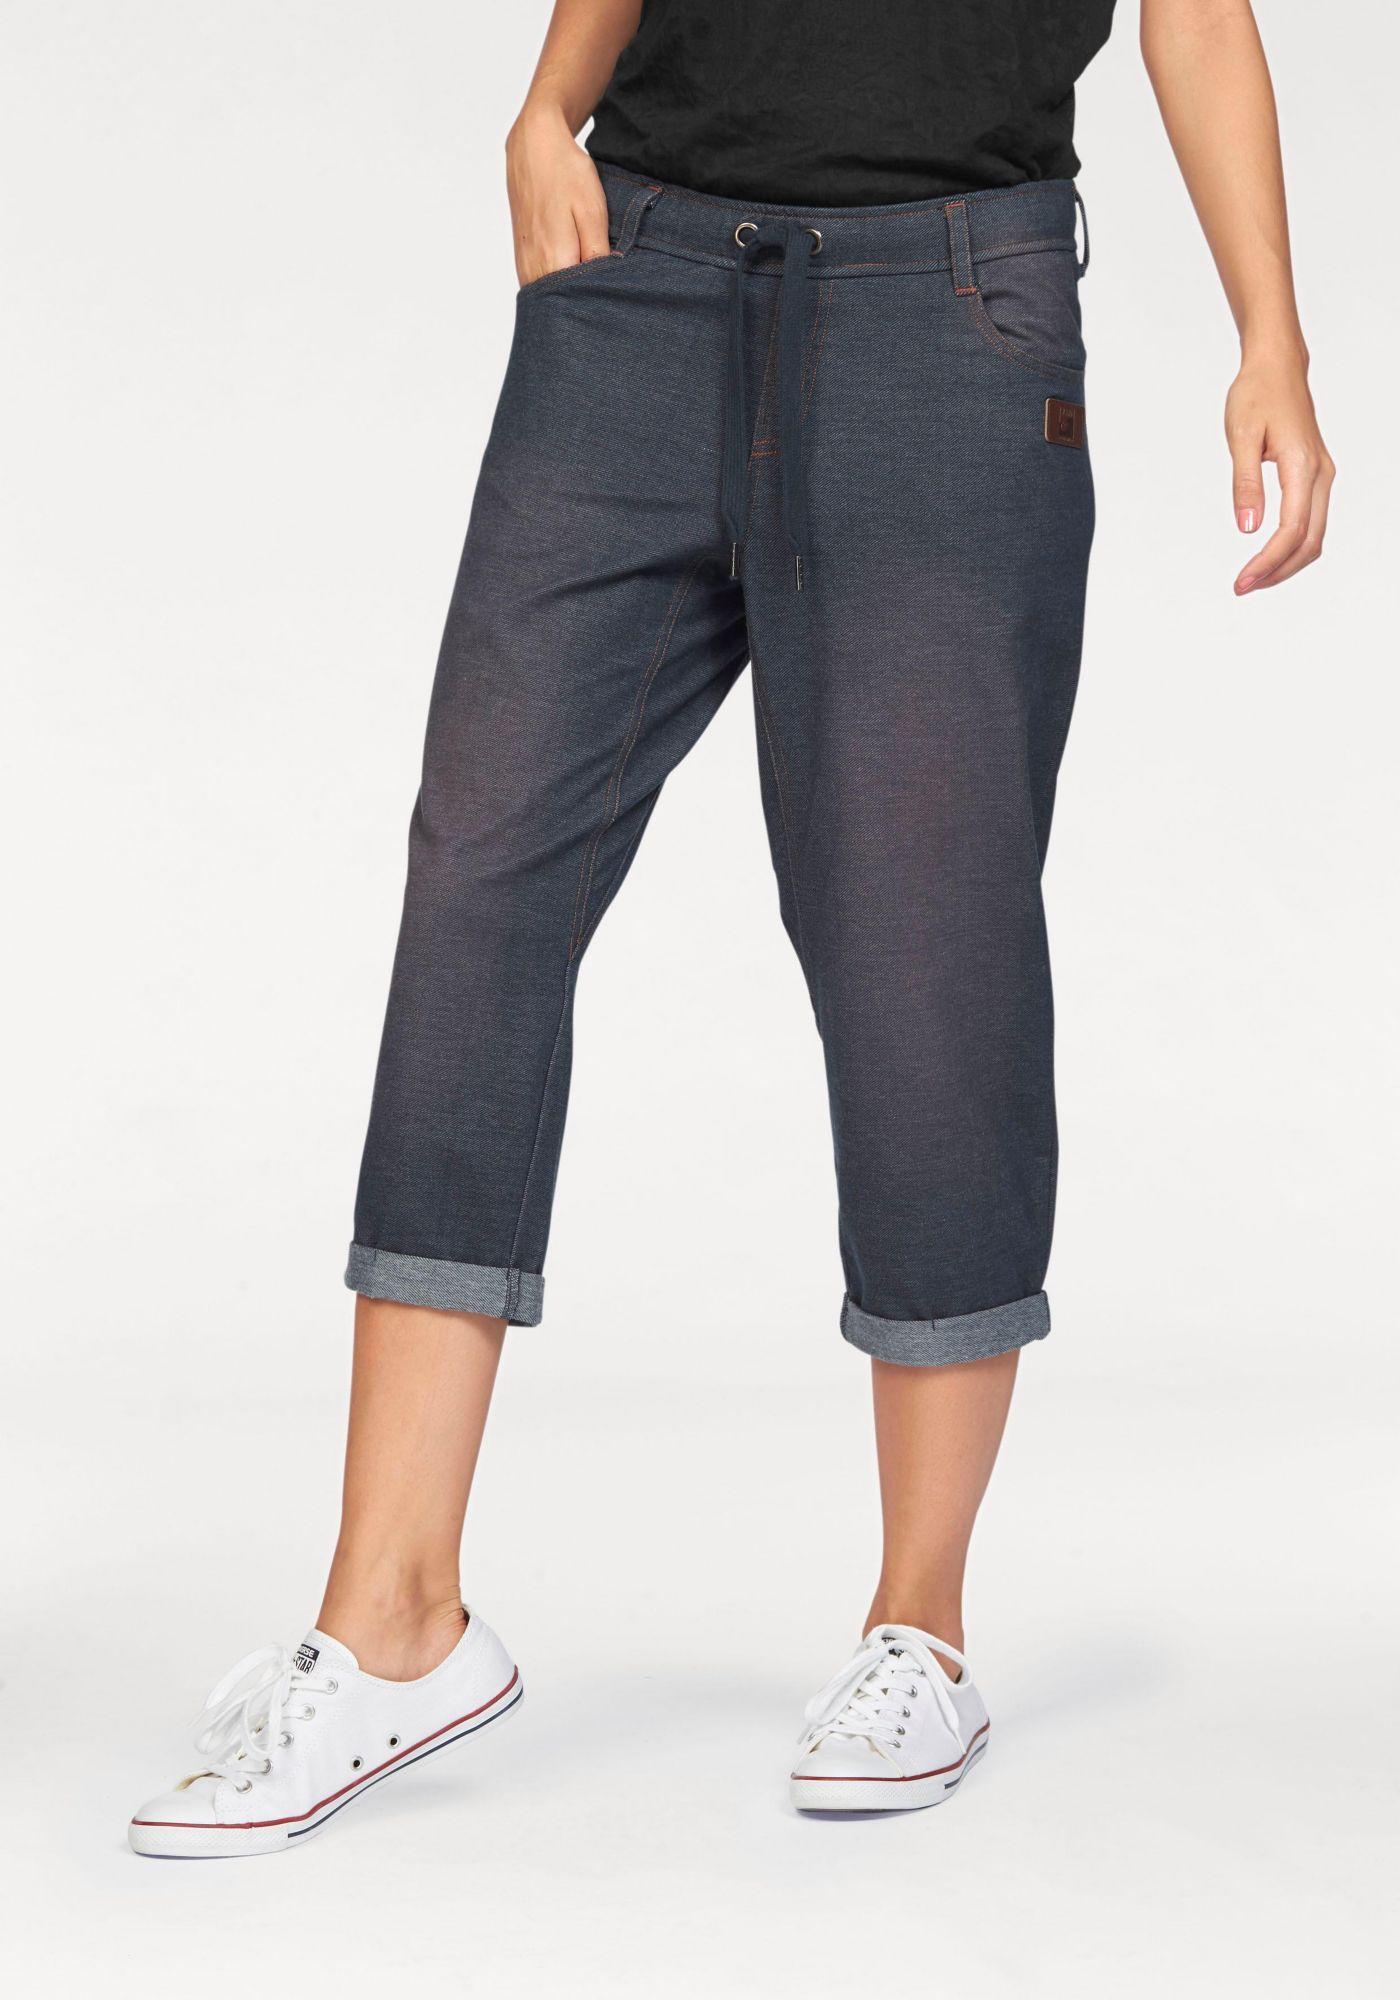 Купить женскую спортивную одежду в интернет магазине